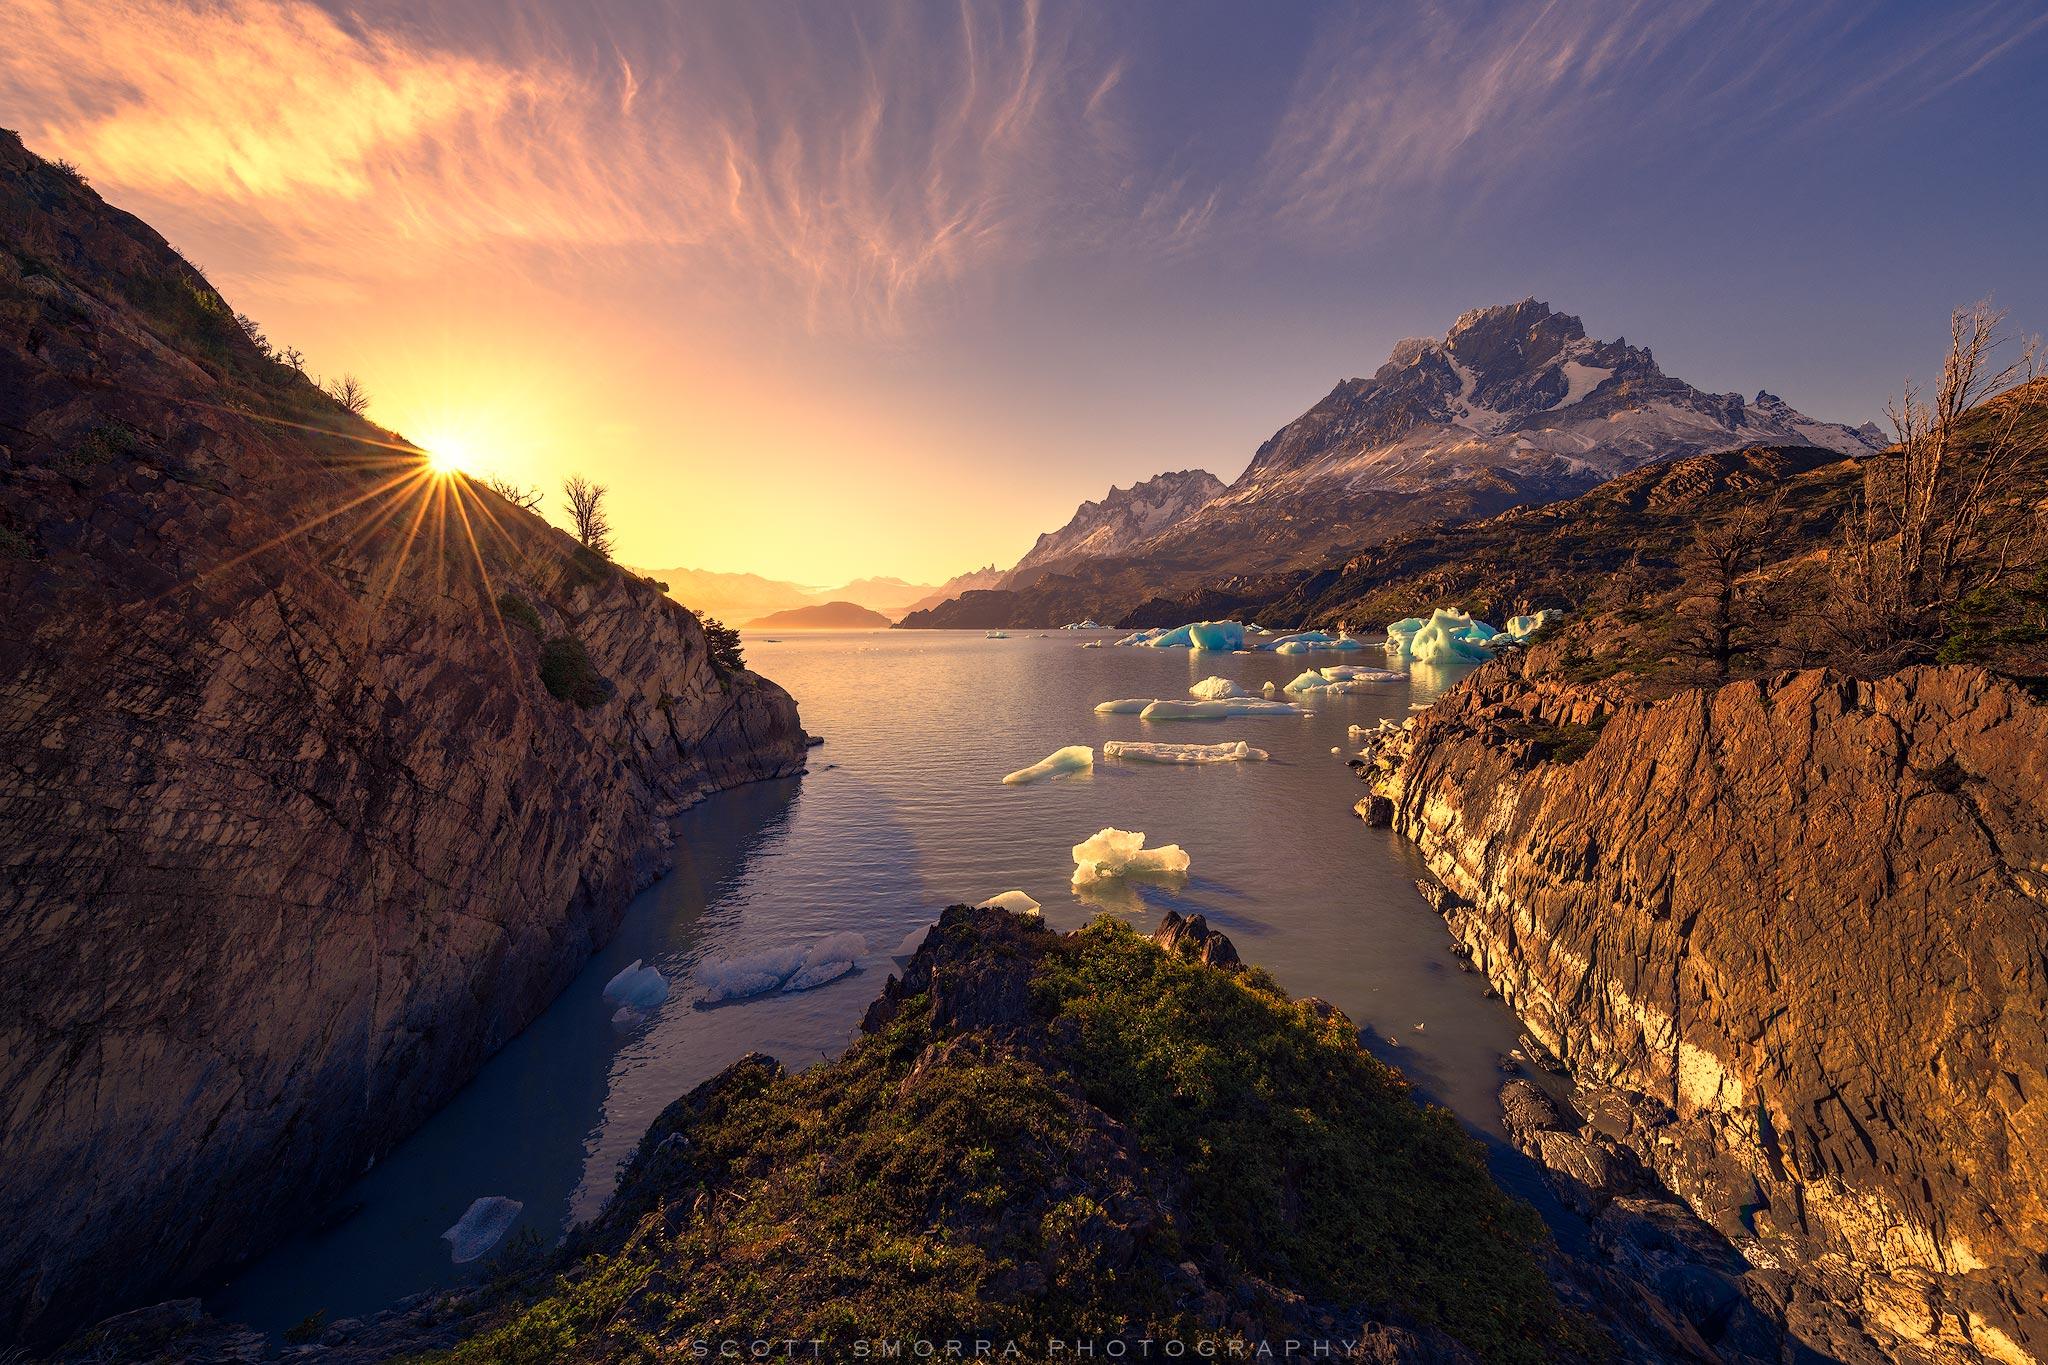 Patagonia, Chile, Parque Nacional Torres del Paine, iceberg, bay, sunset, photo